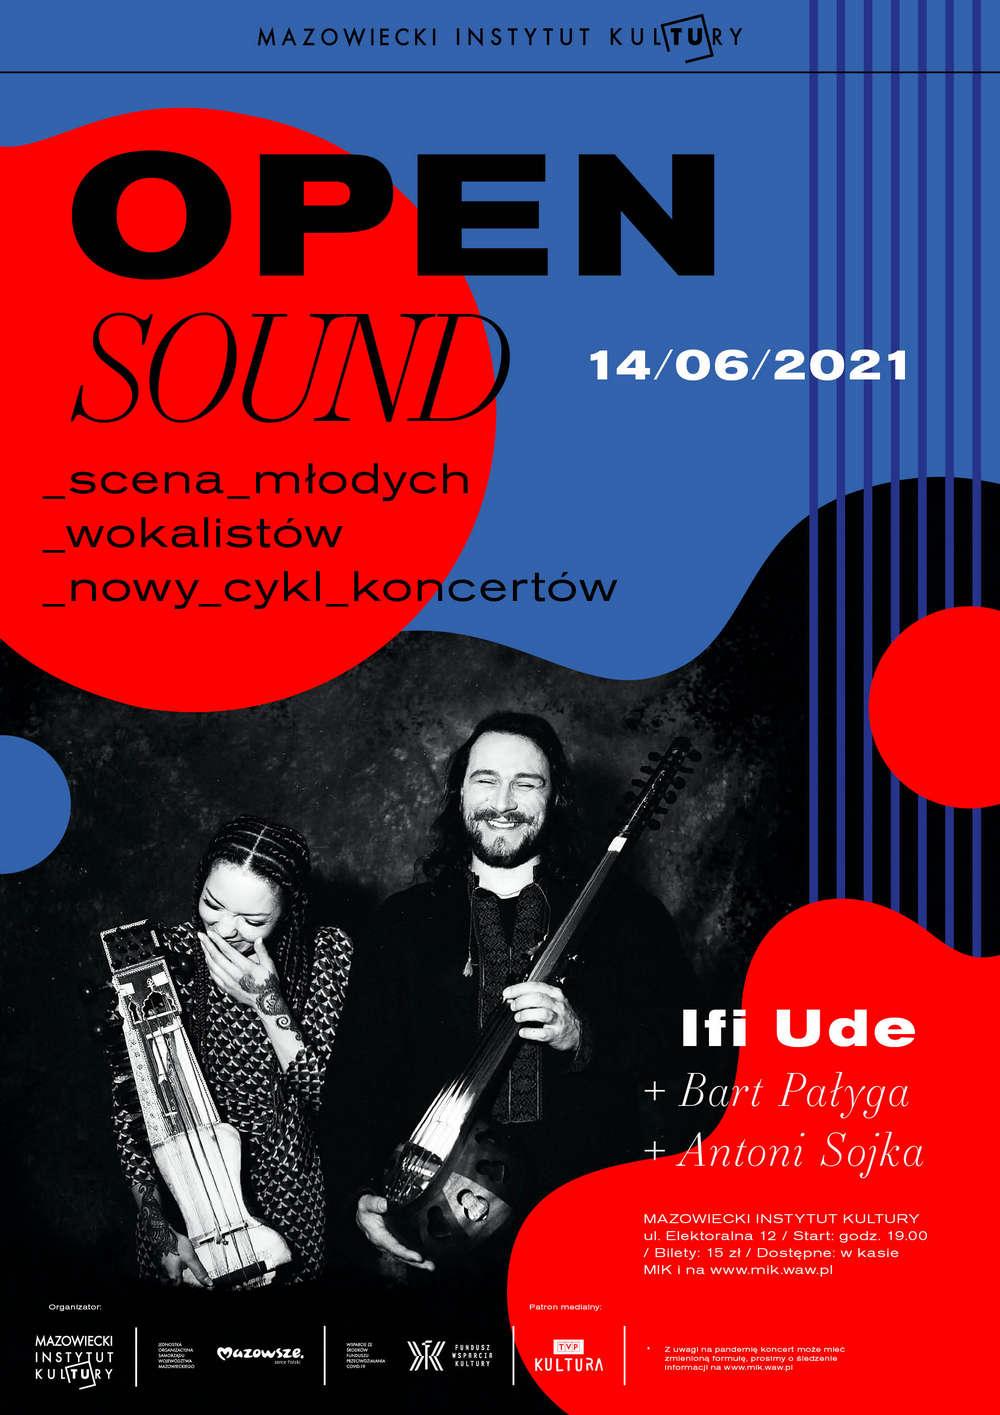 plakat koncertu z fotografią wykonawców